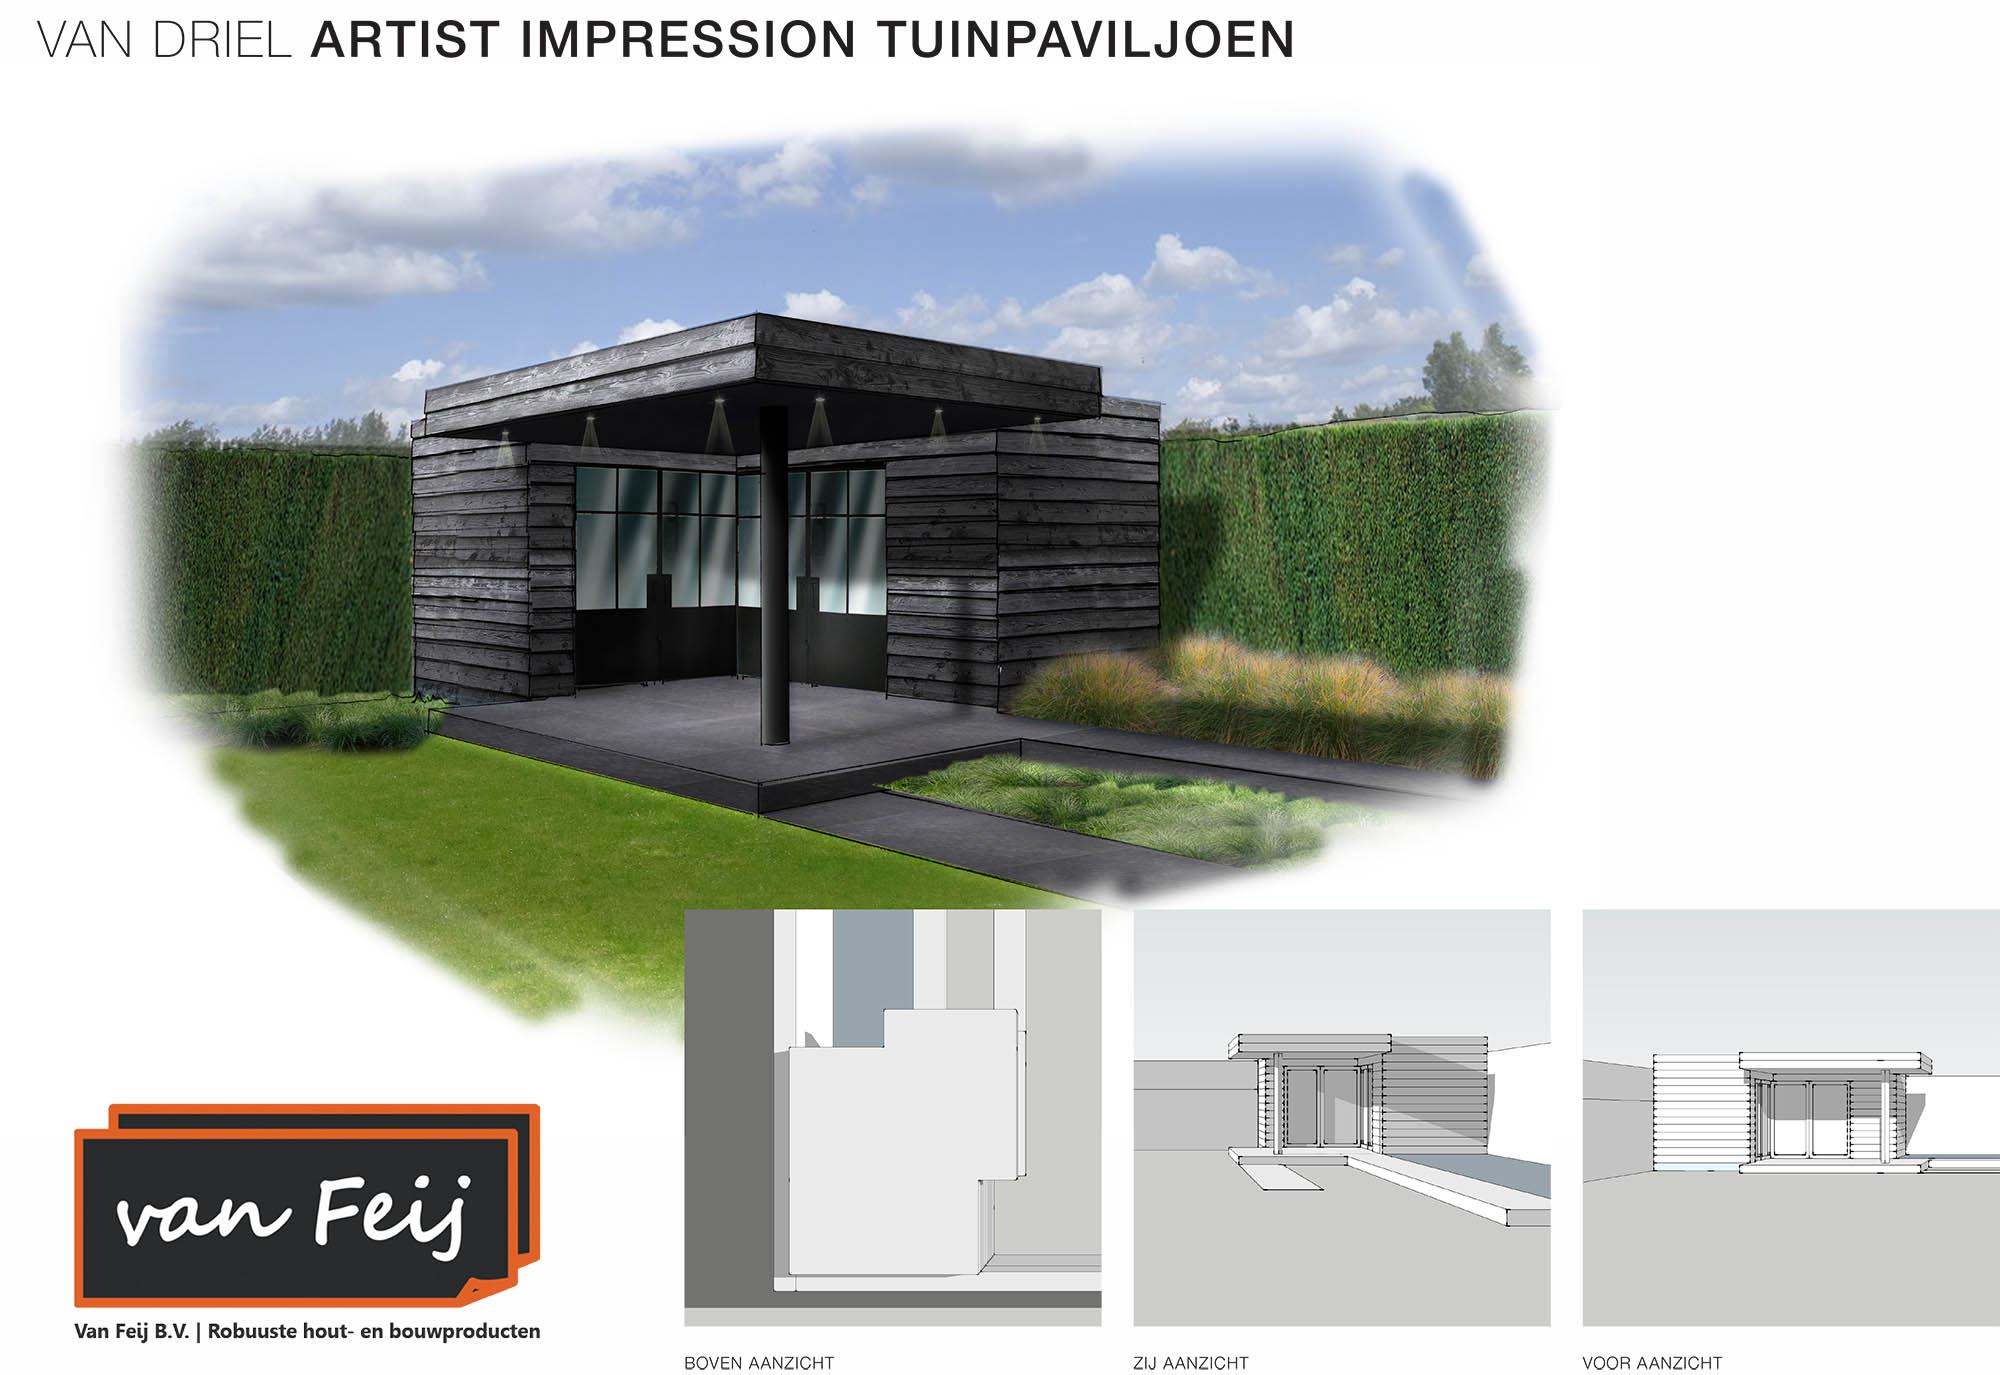 ontwerp tuinpaviljoen Van Driel